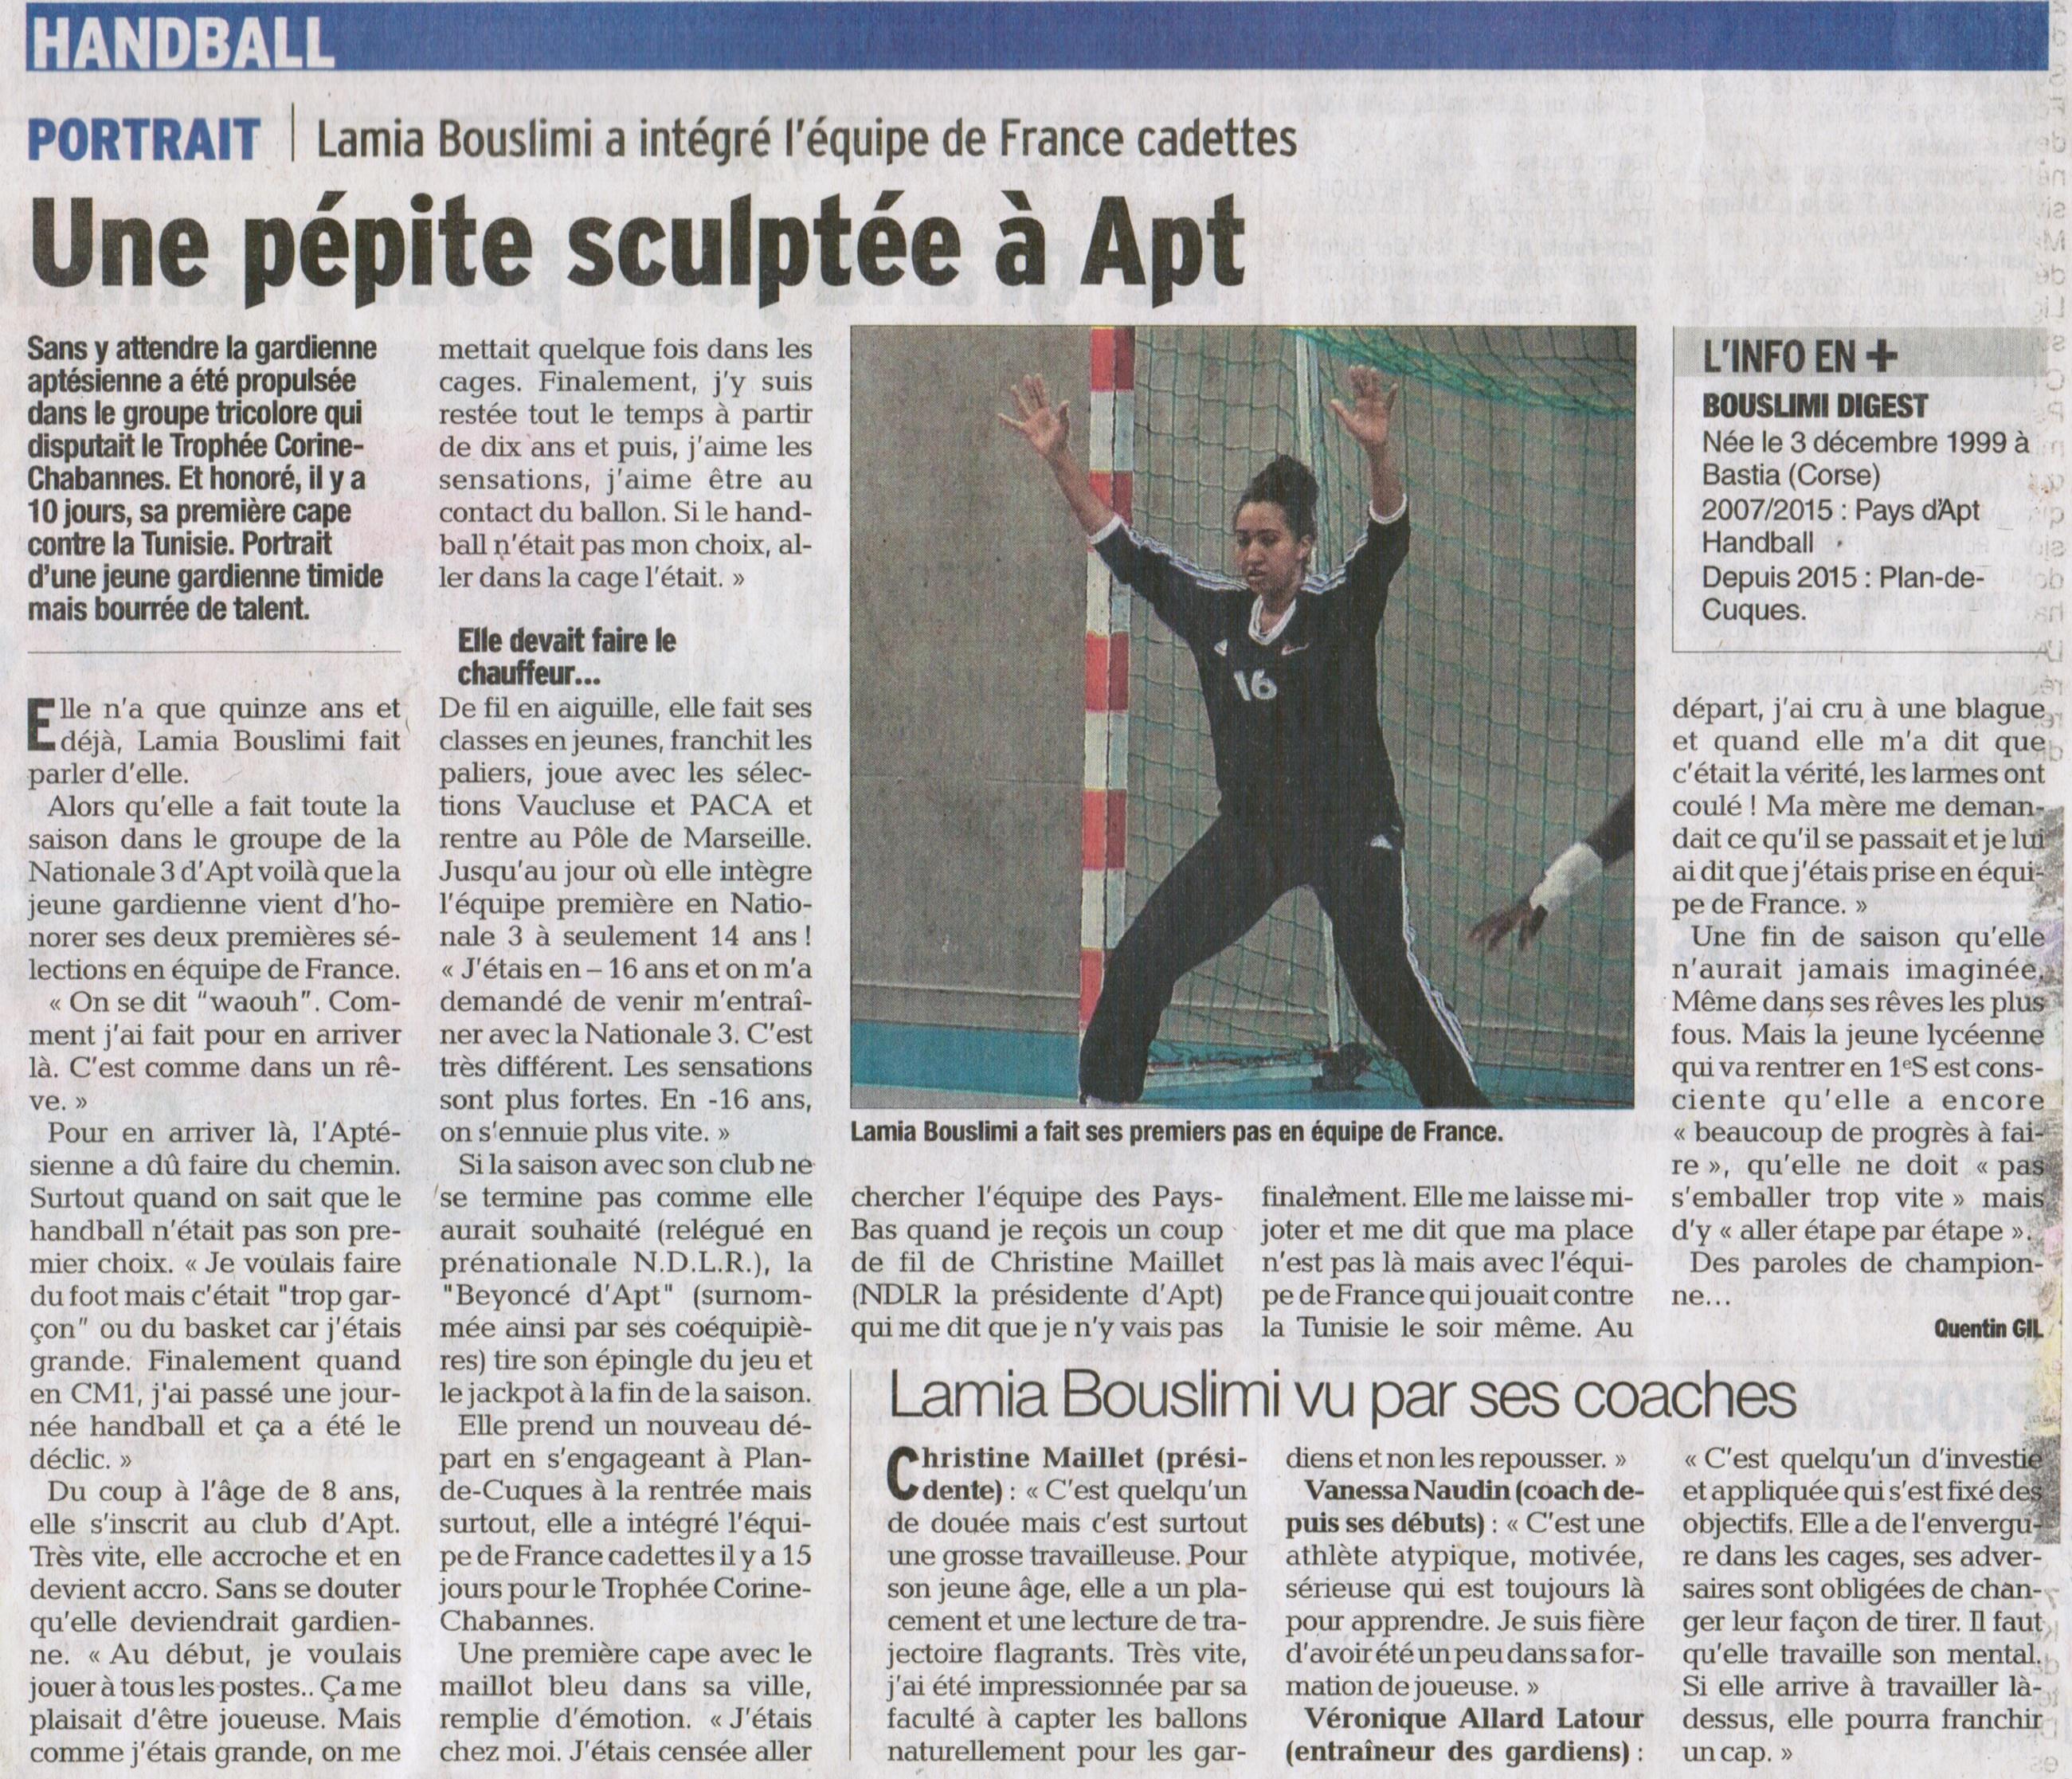 Portrait de LAMIA BOUSLIMI  dans le journal Vaucluse Matin du 03-08-2015 par Quentin GIL